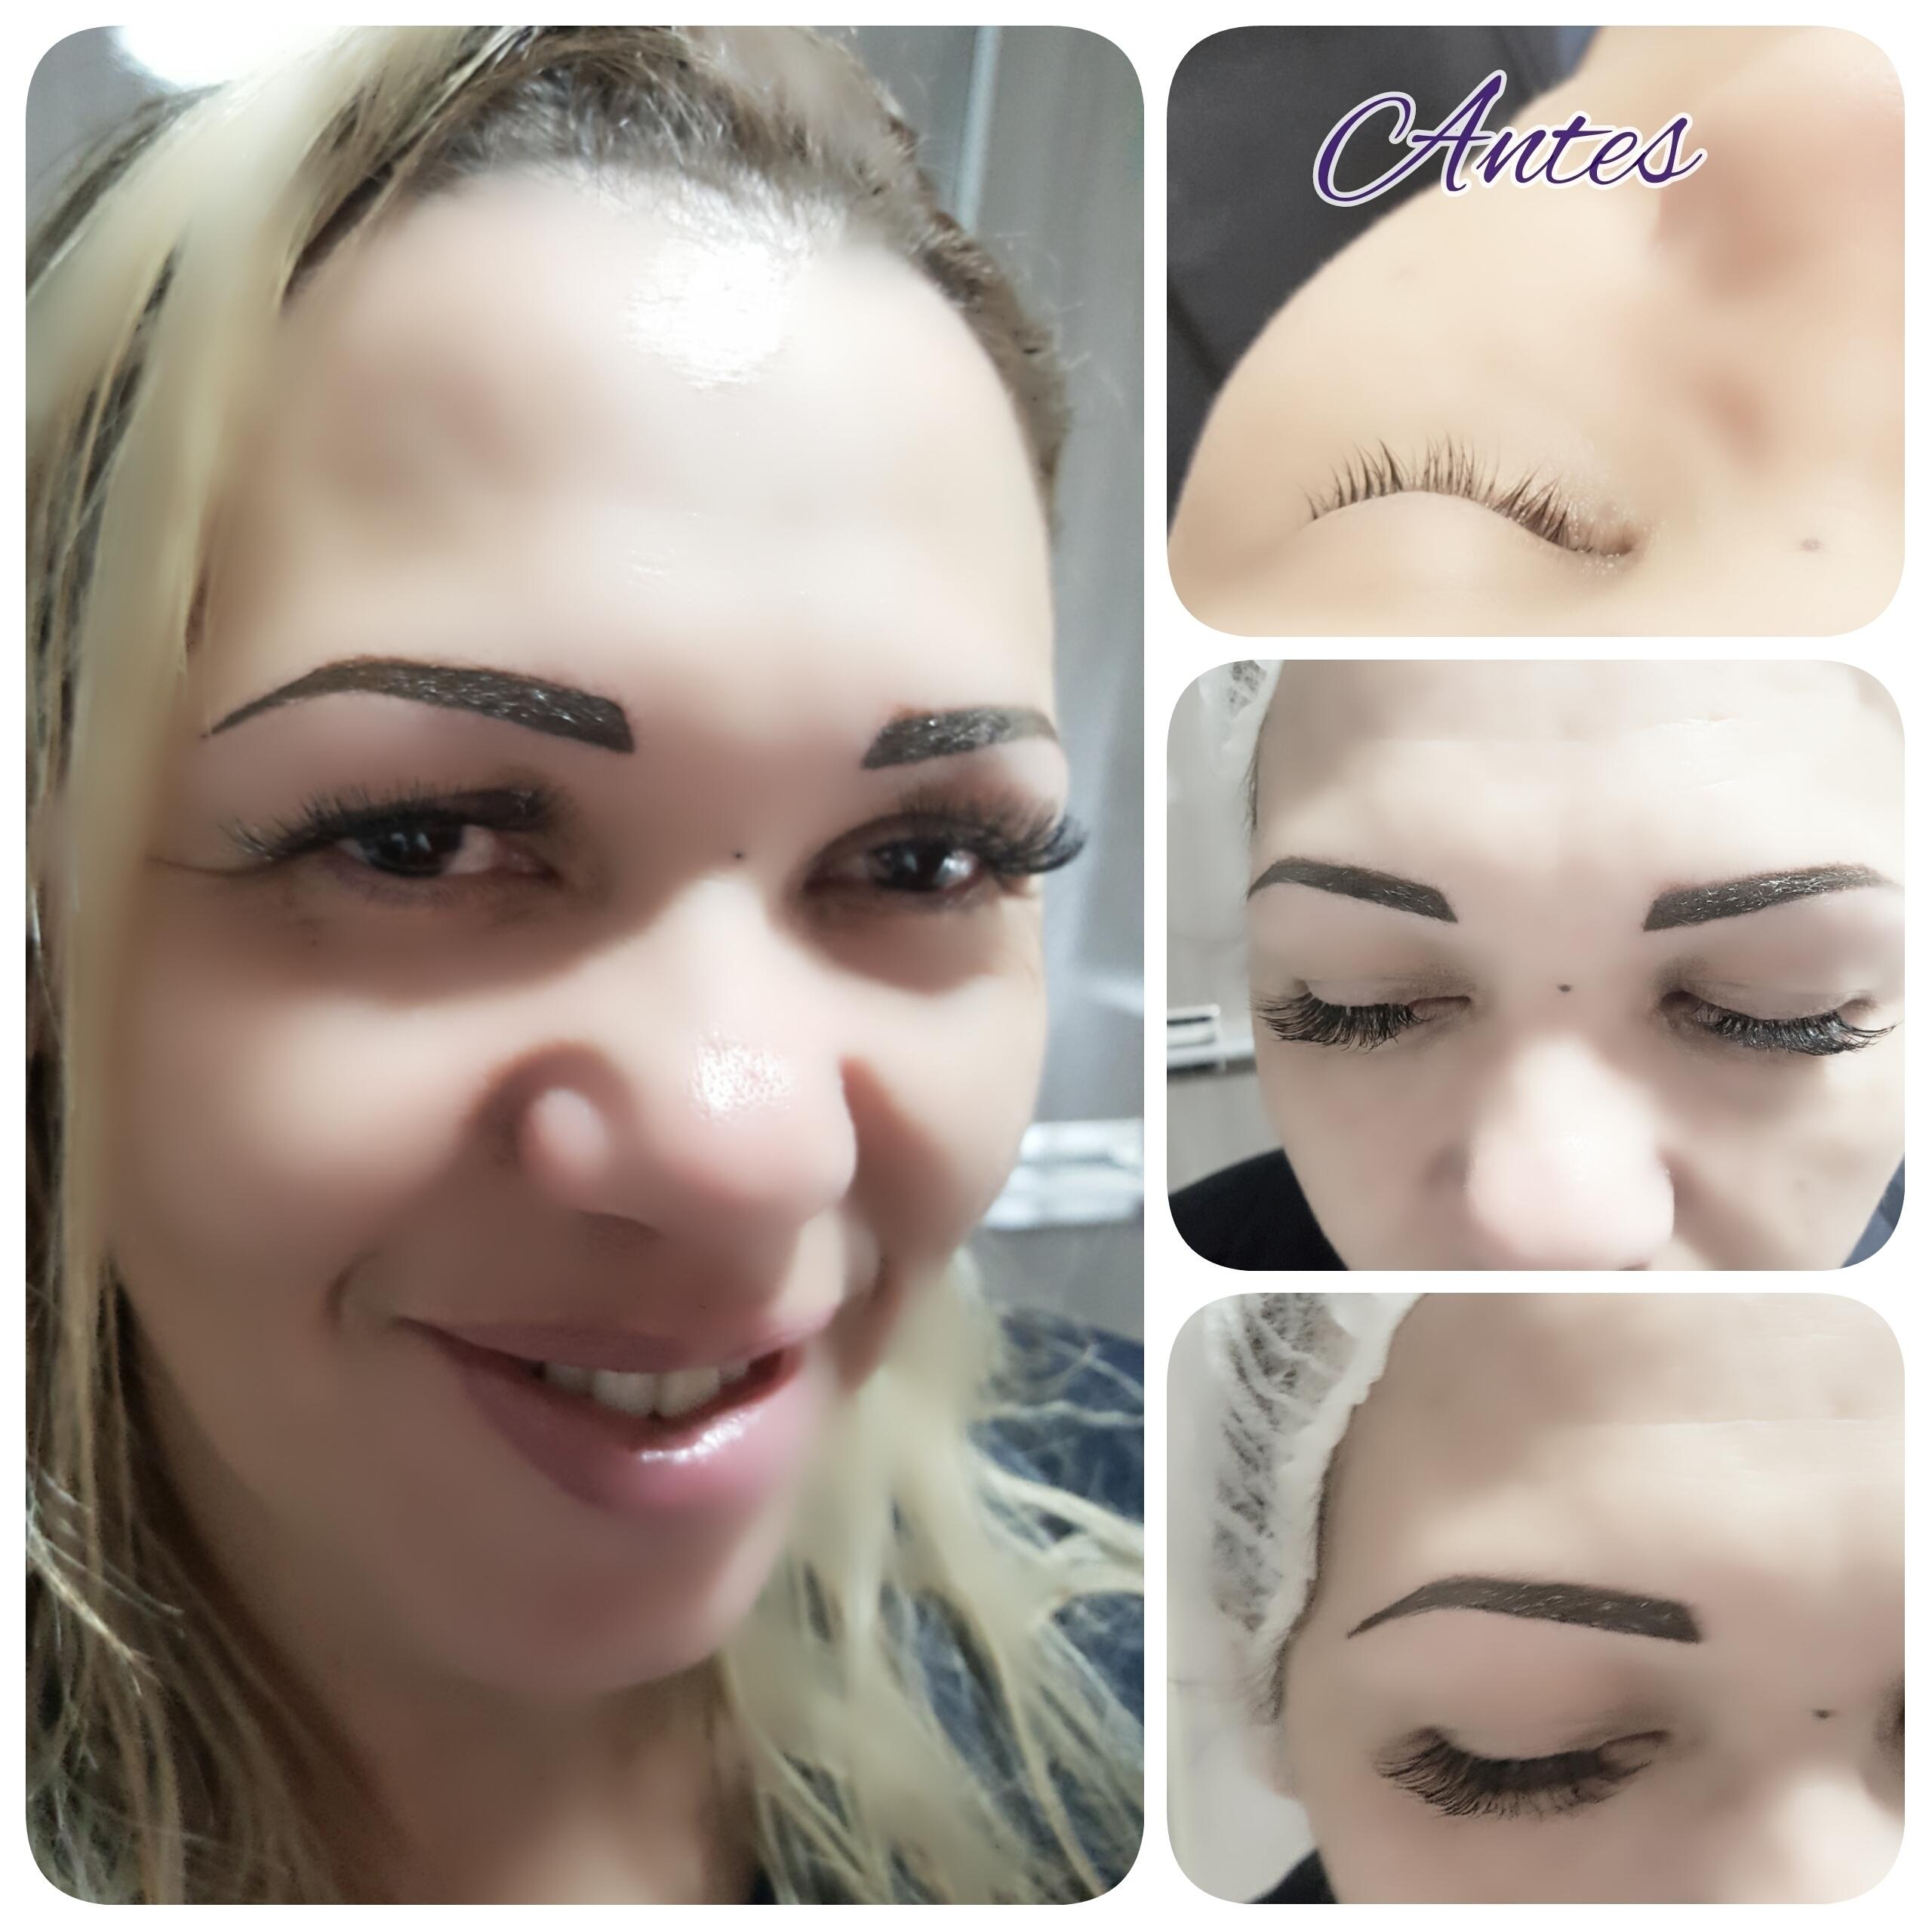 outros micropigmentador(a) designer de sobrancelhas dermopigmentador(a) outros